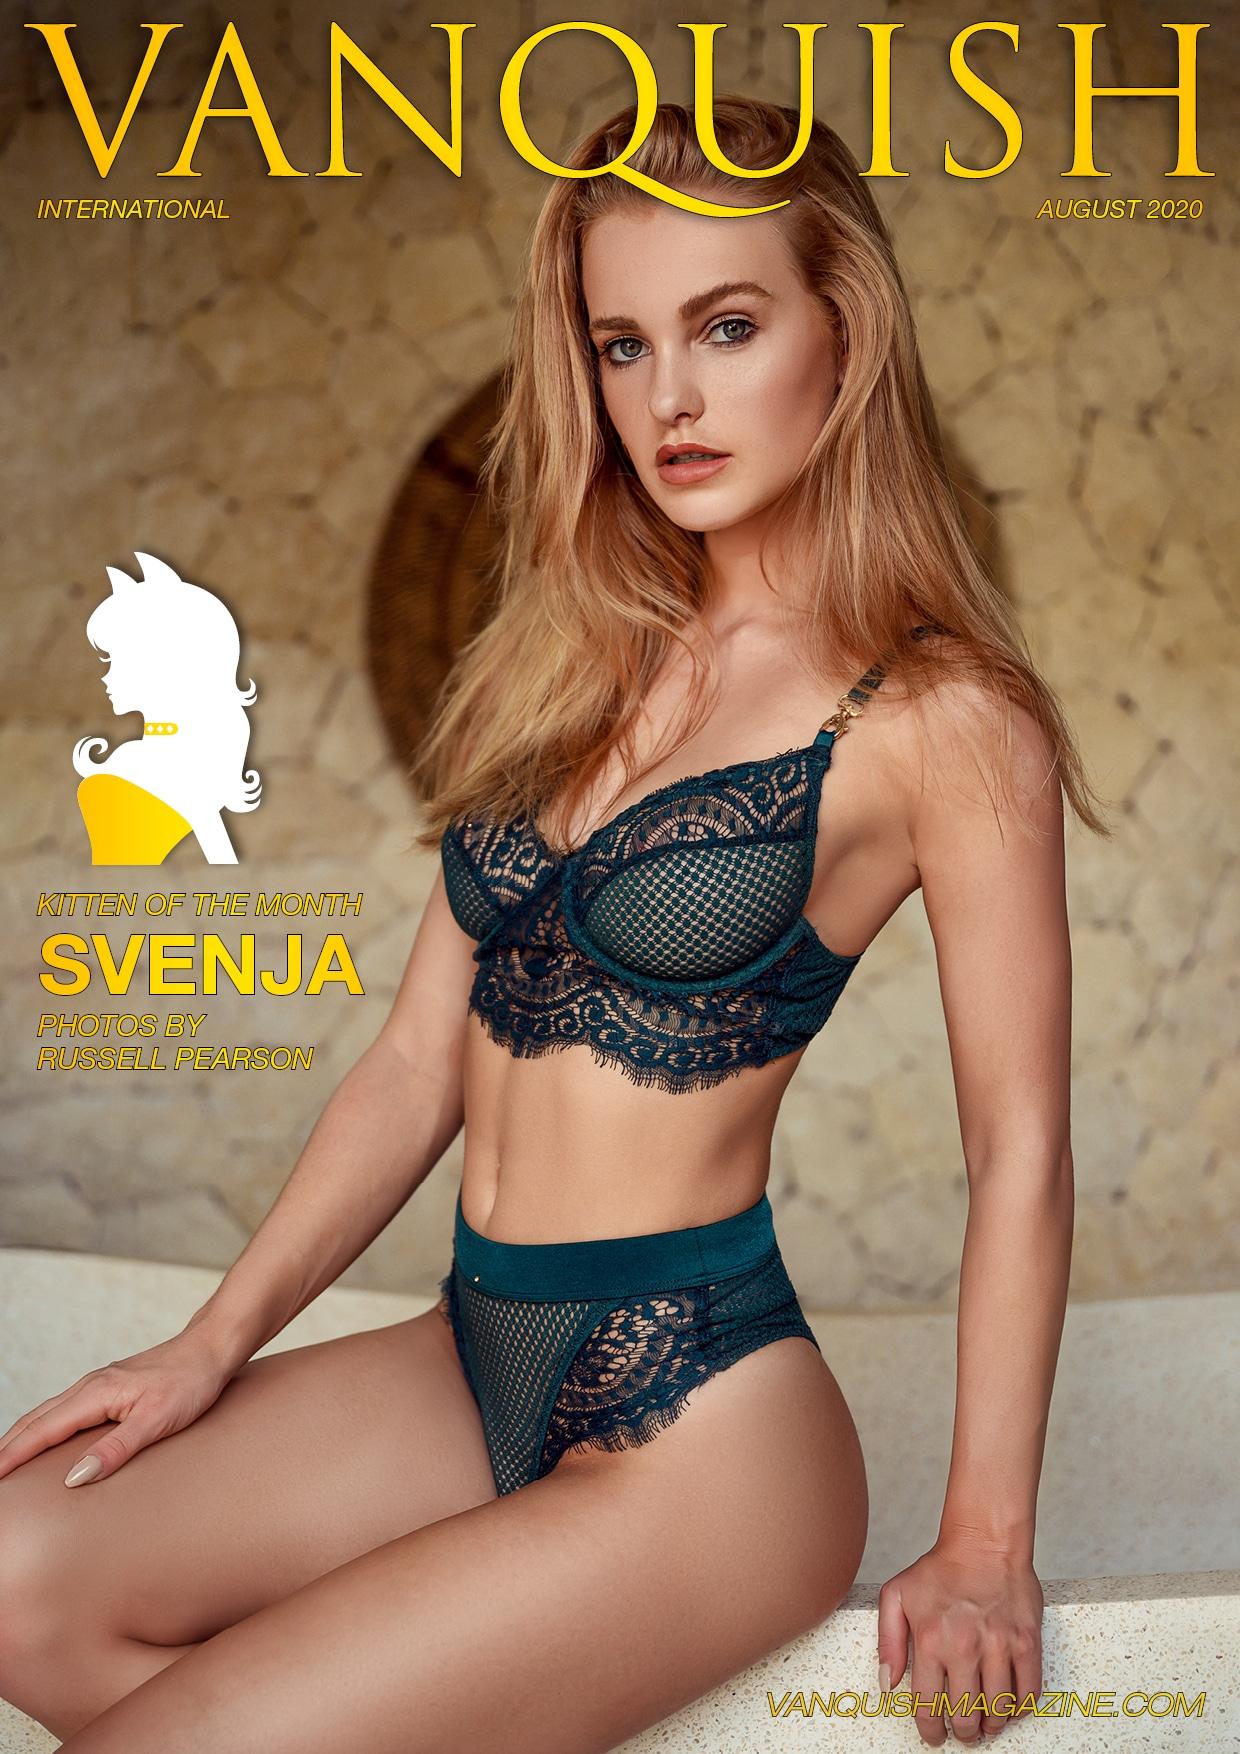 Vanquish Magazine - August 2020 - Svenja